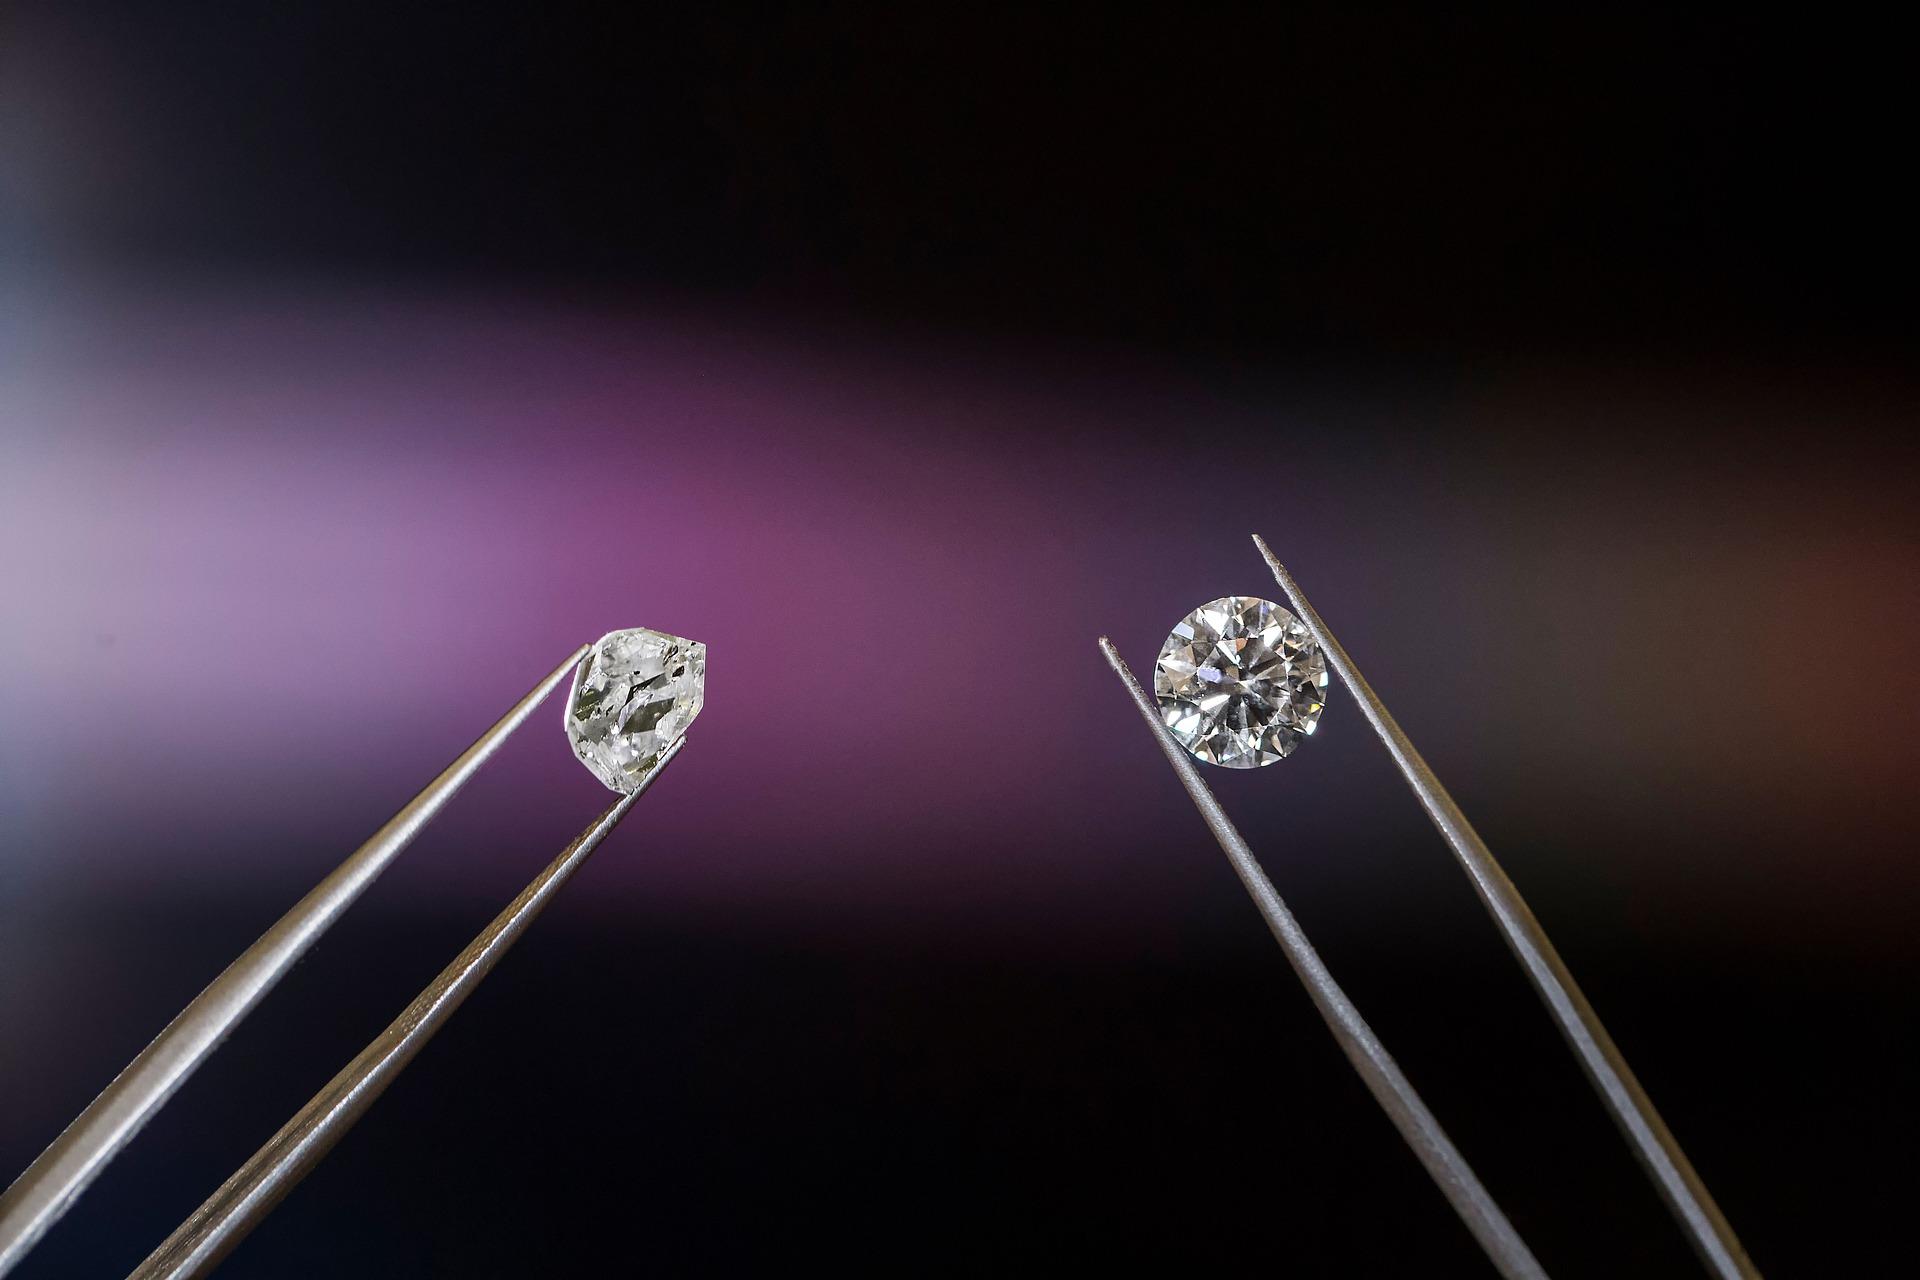 Глубинные редкие алмазы могут состоять из останков древних животных